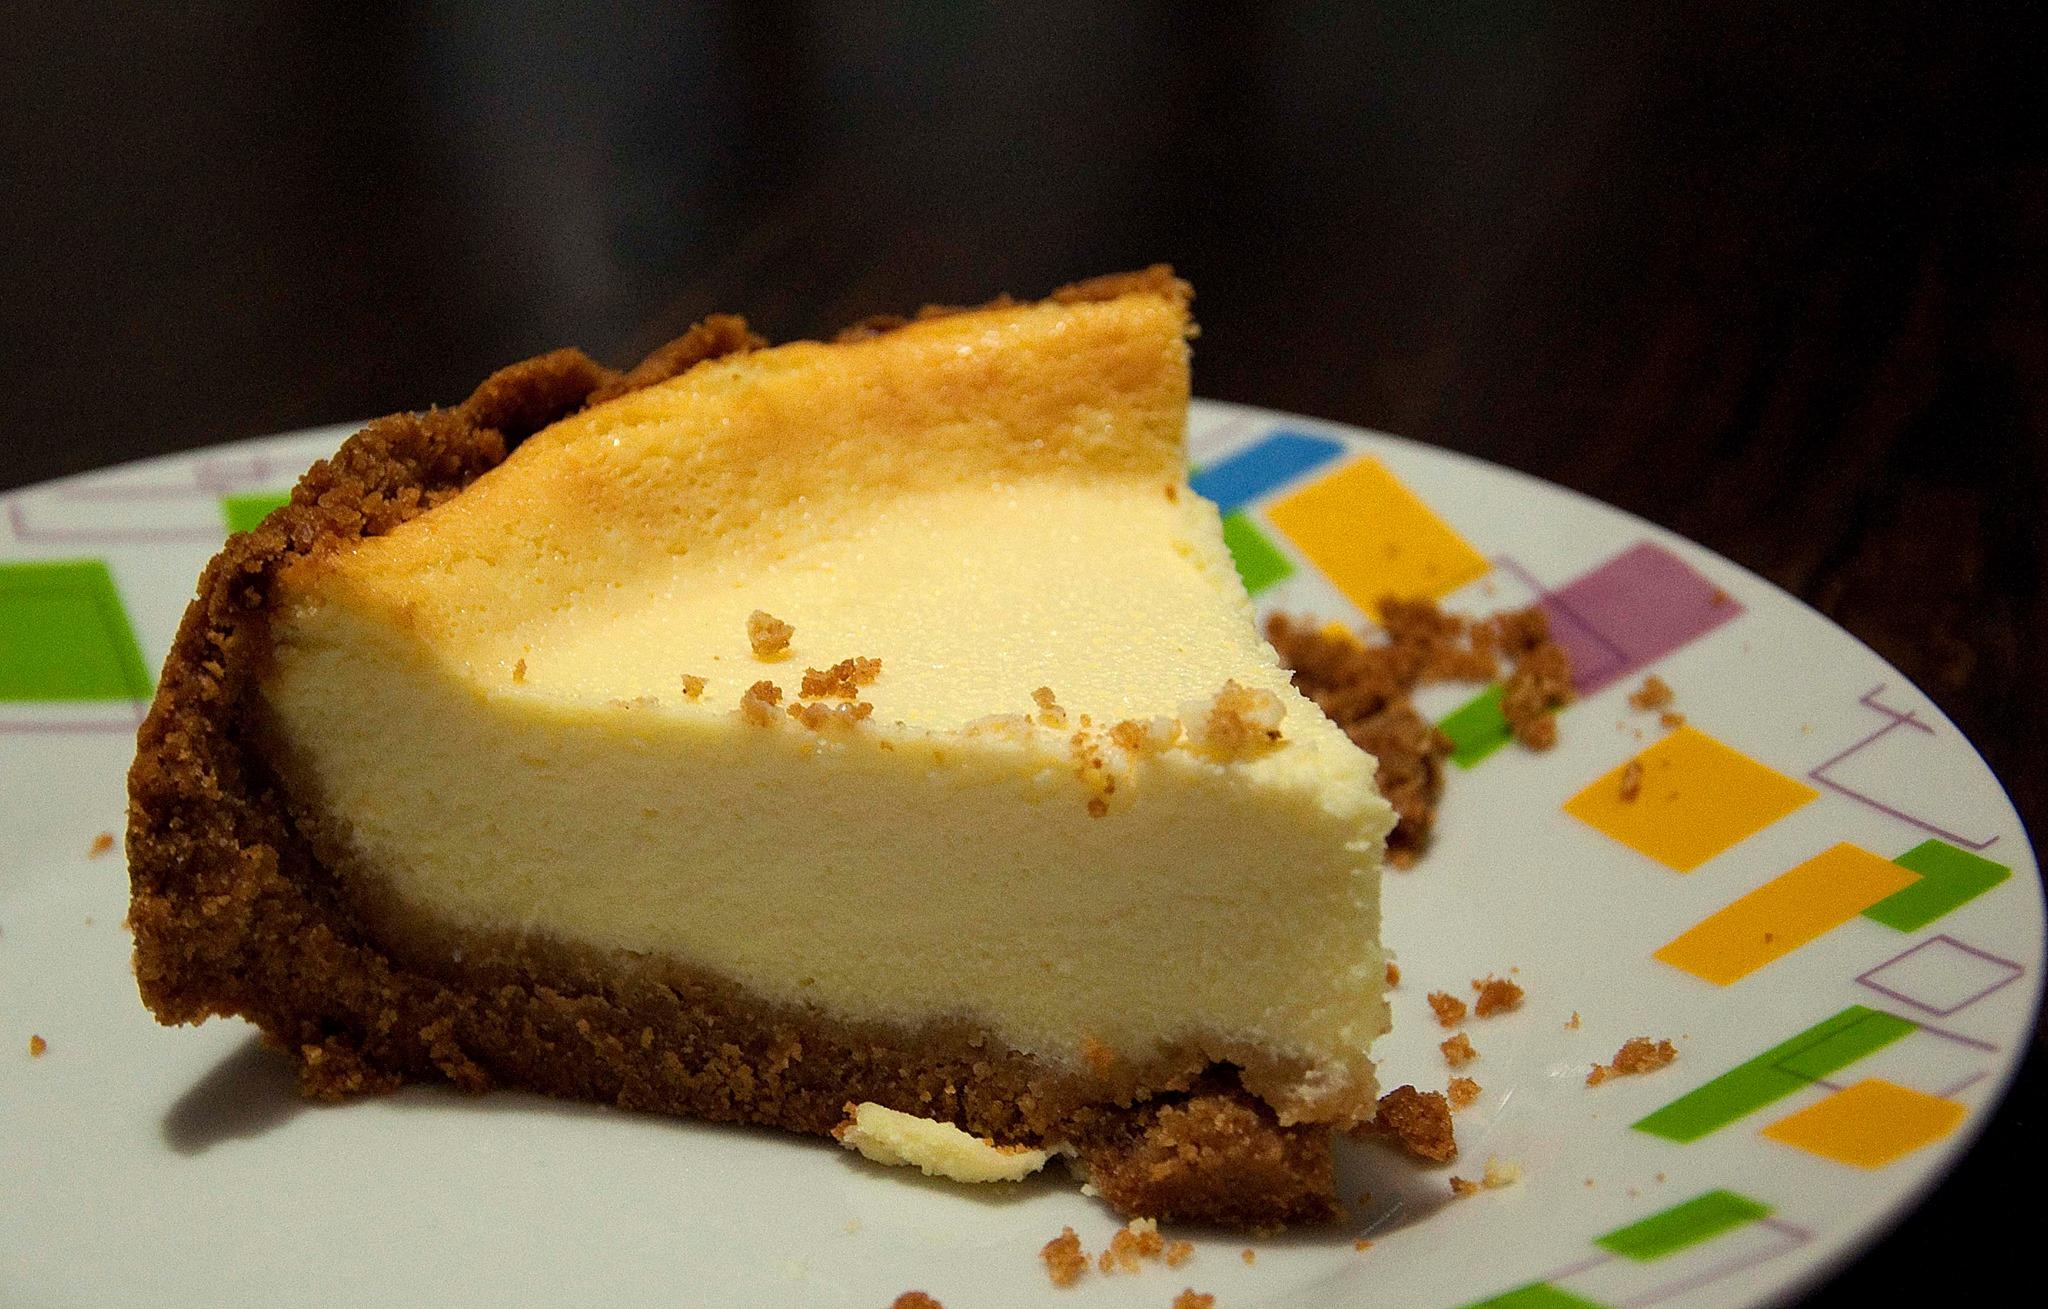 Ricerca ricette con cheesecake parodi for Ricette di benedetta parodi